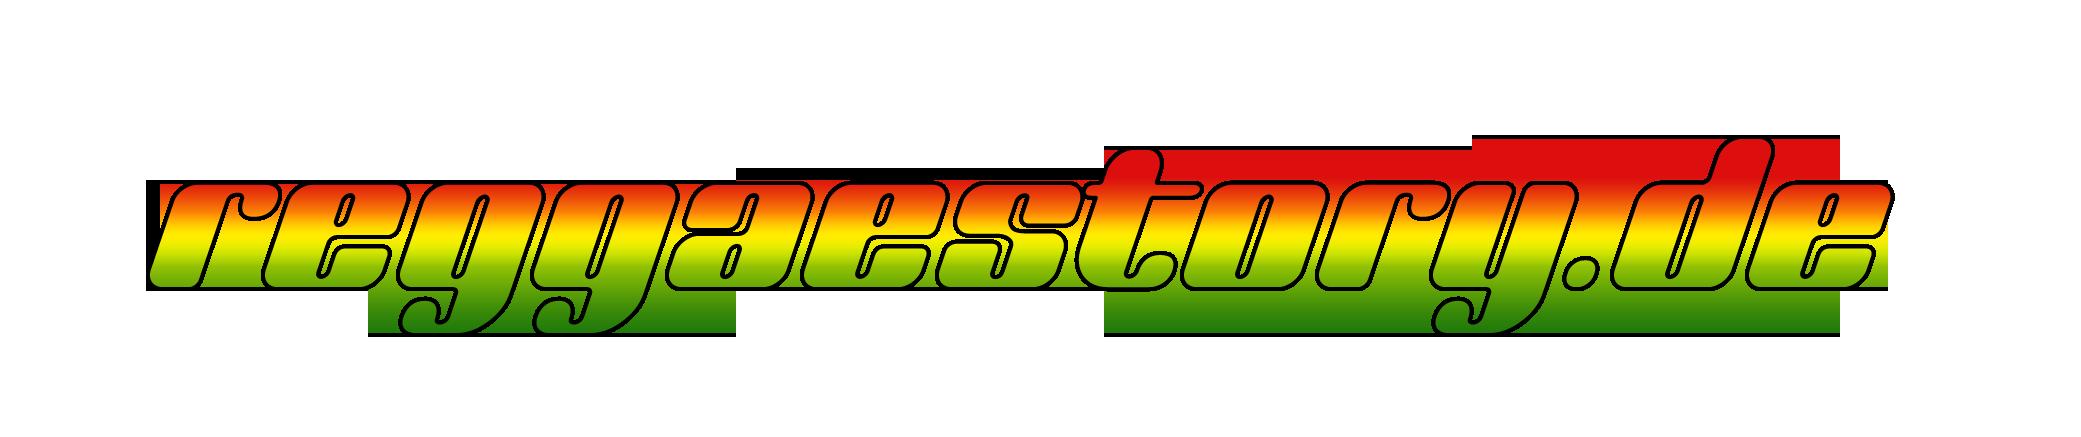 reggaestory.de